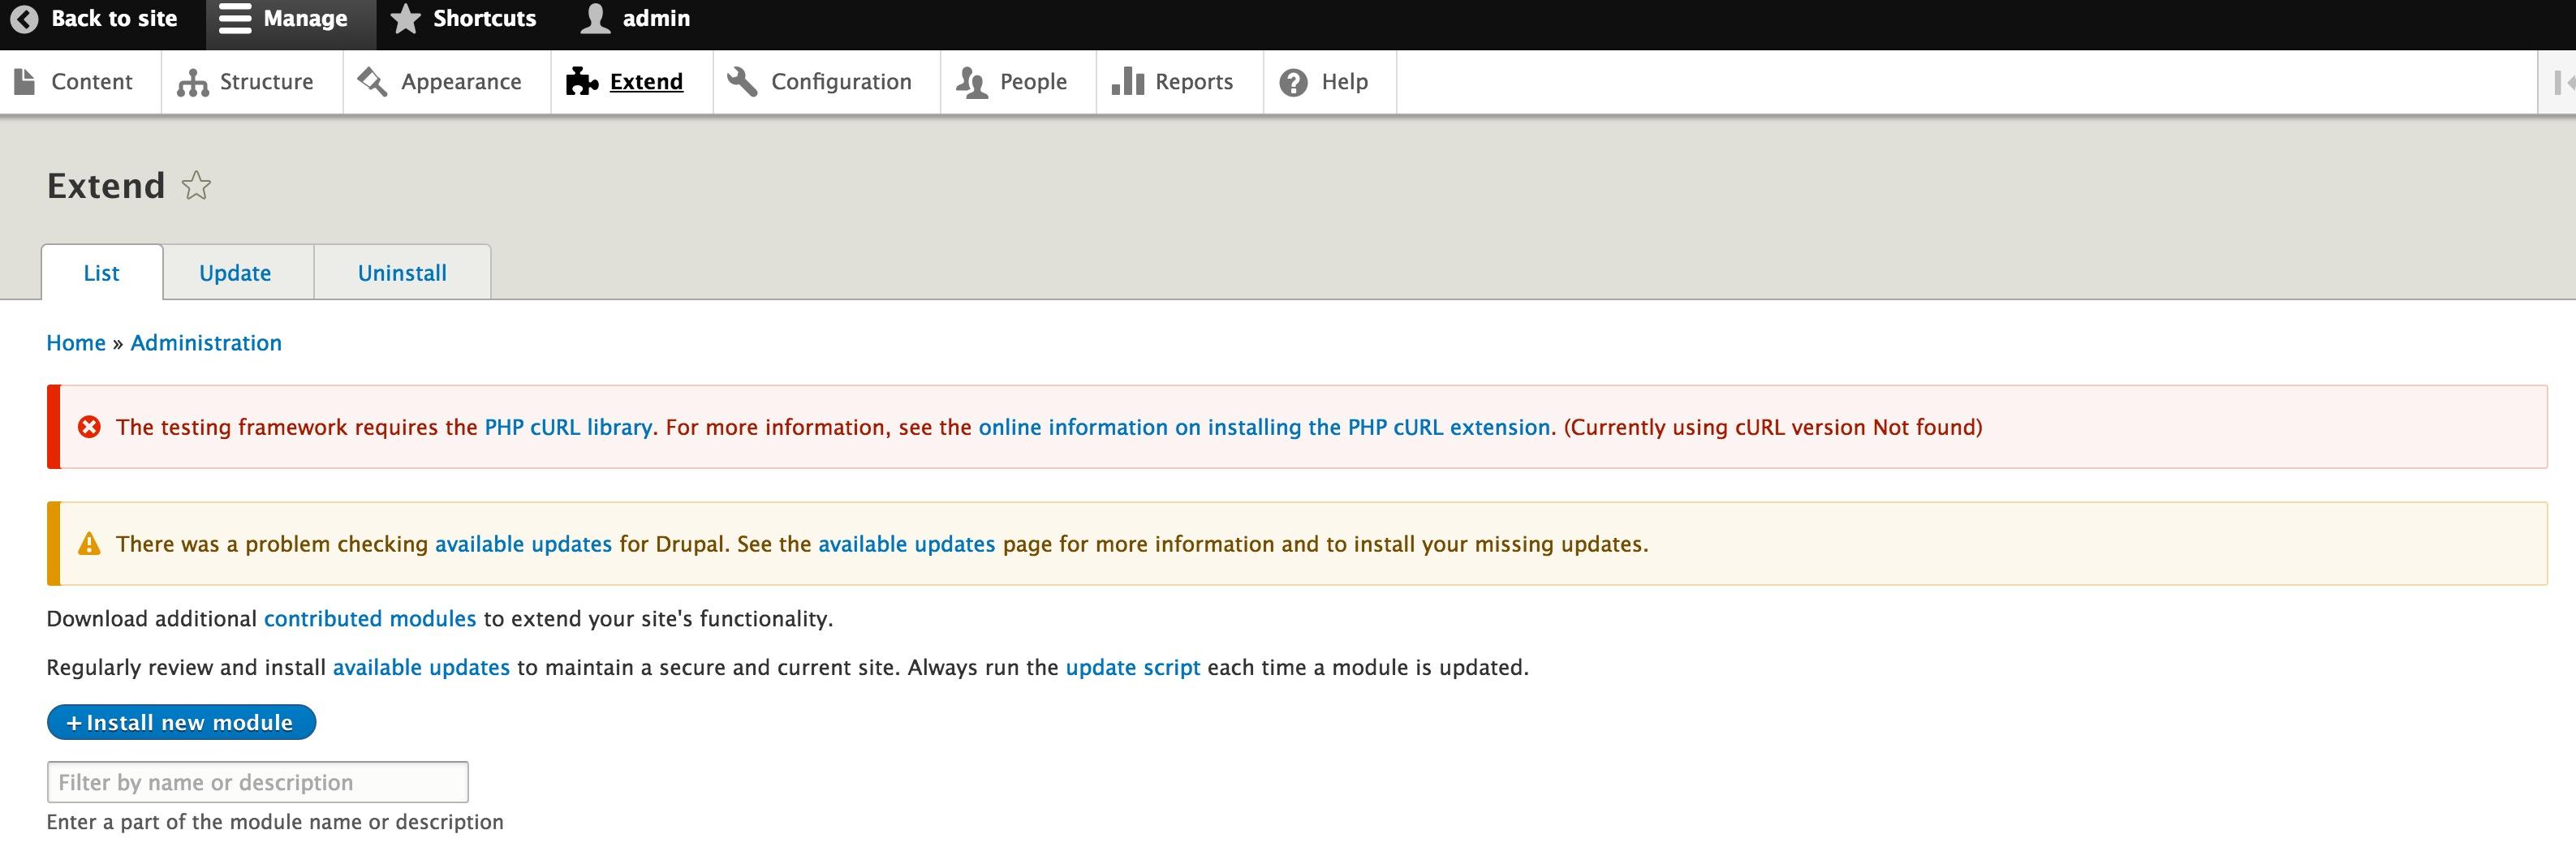 Improve module description and error message about missing